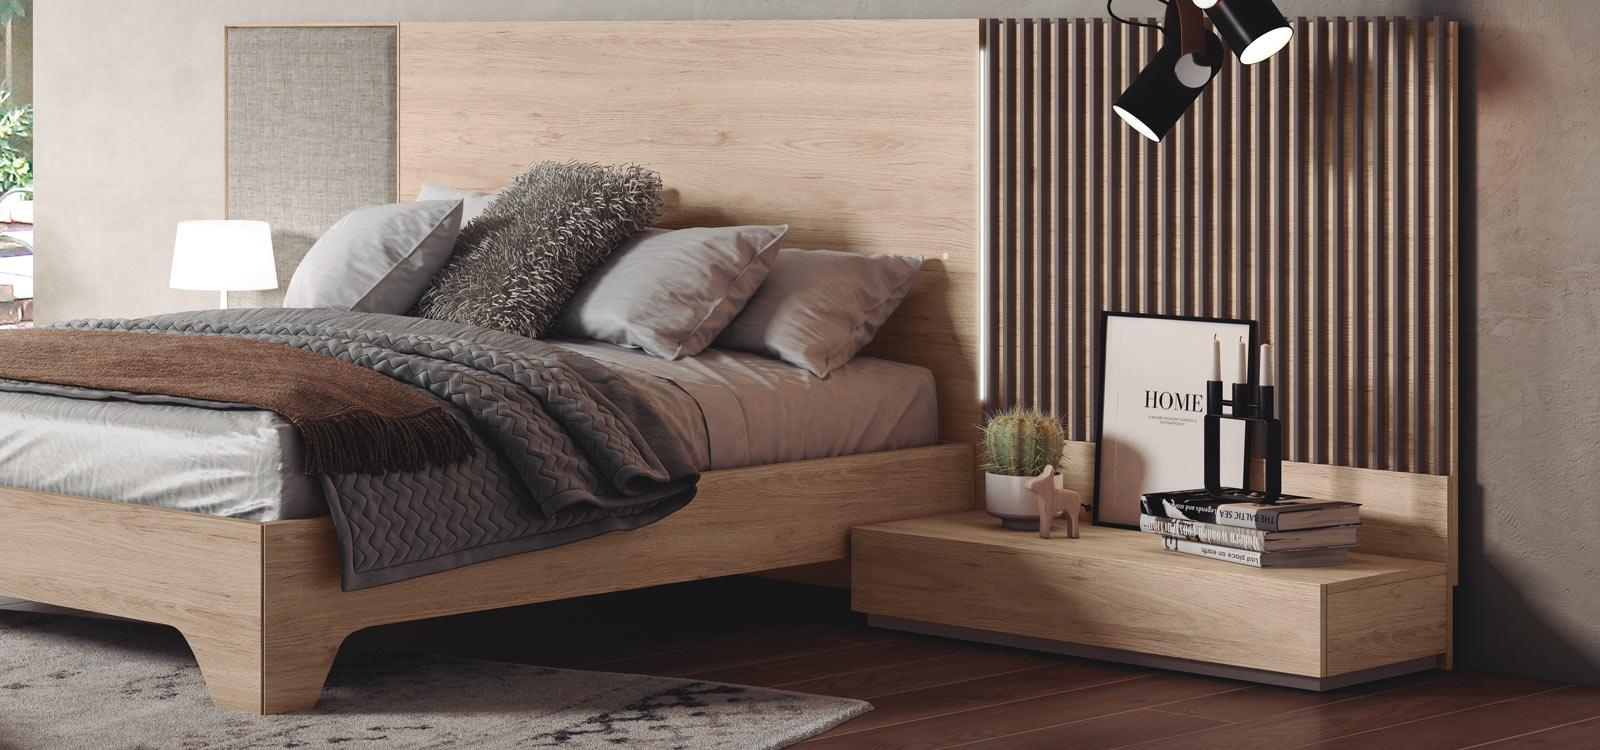 Muebles de dormitorio Romerohogar